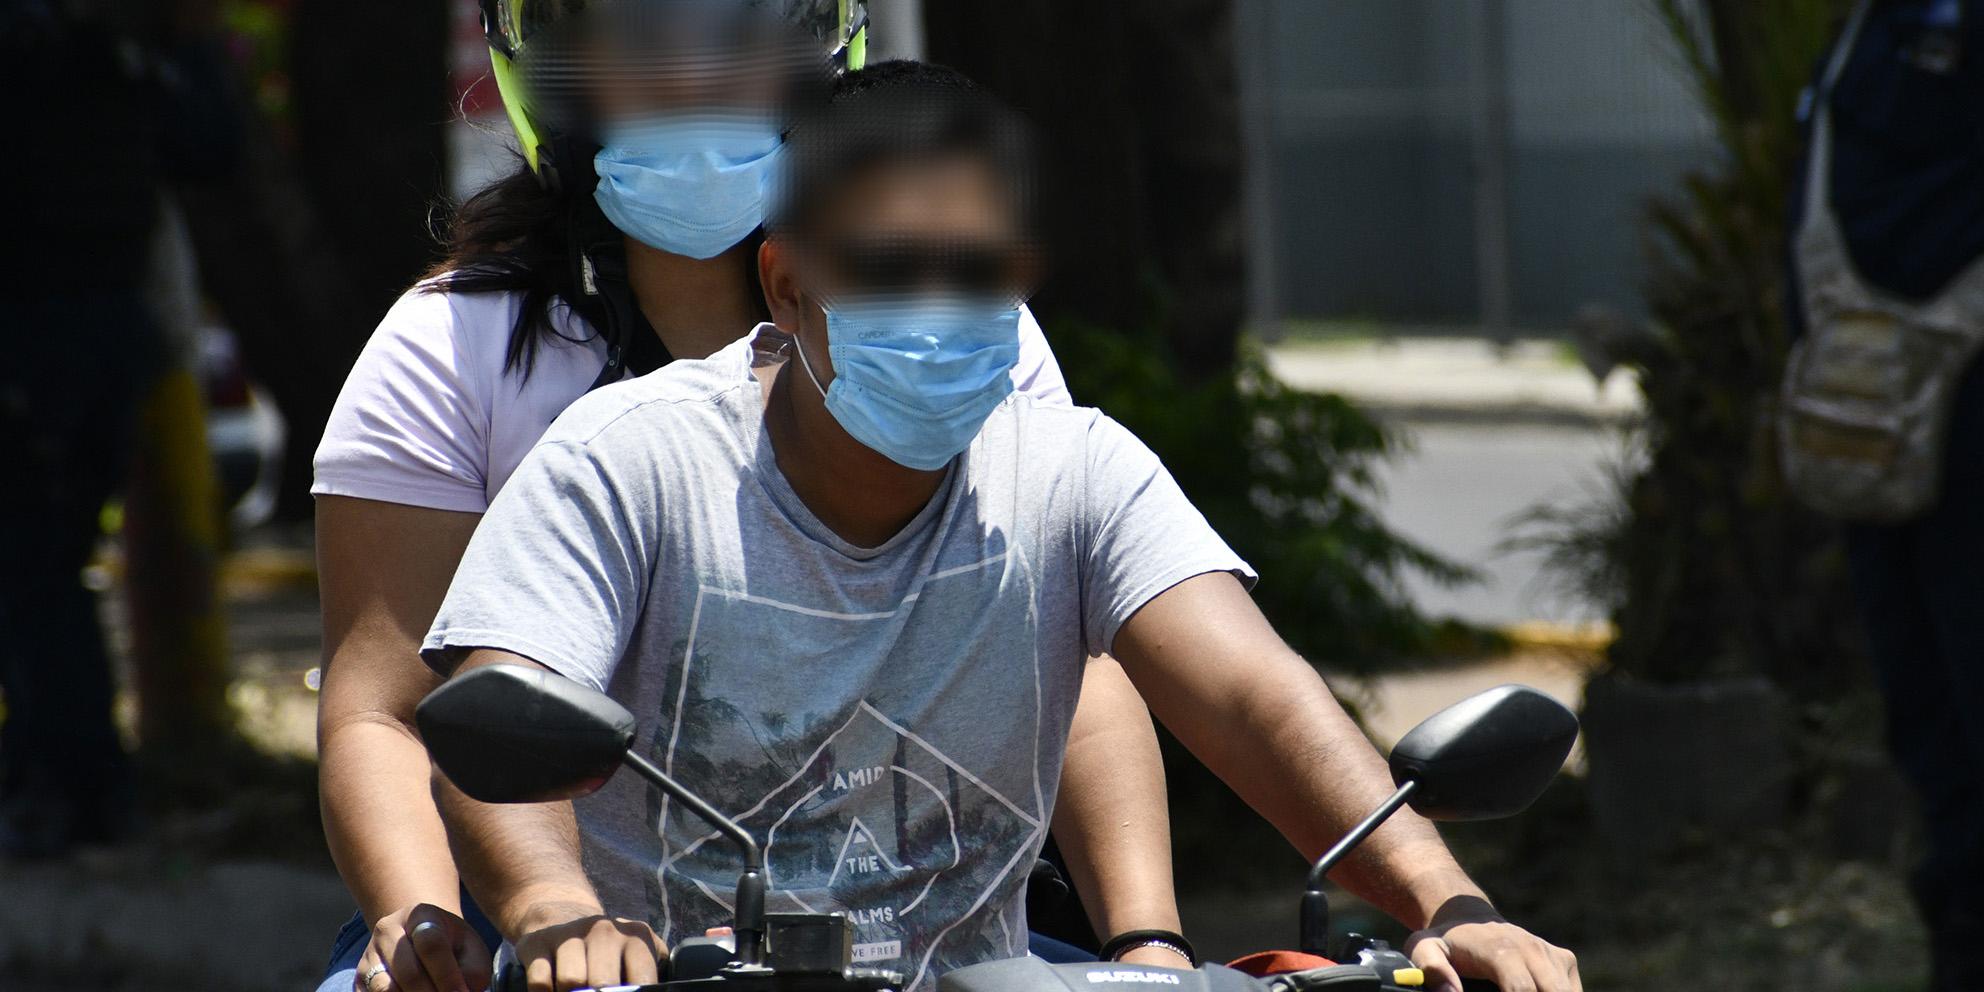 Suben a 5,175 los casos de Covid-19 en Oaxaca; hay 584 fallecidos   El Imparcial de Oaxaca